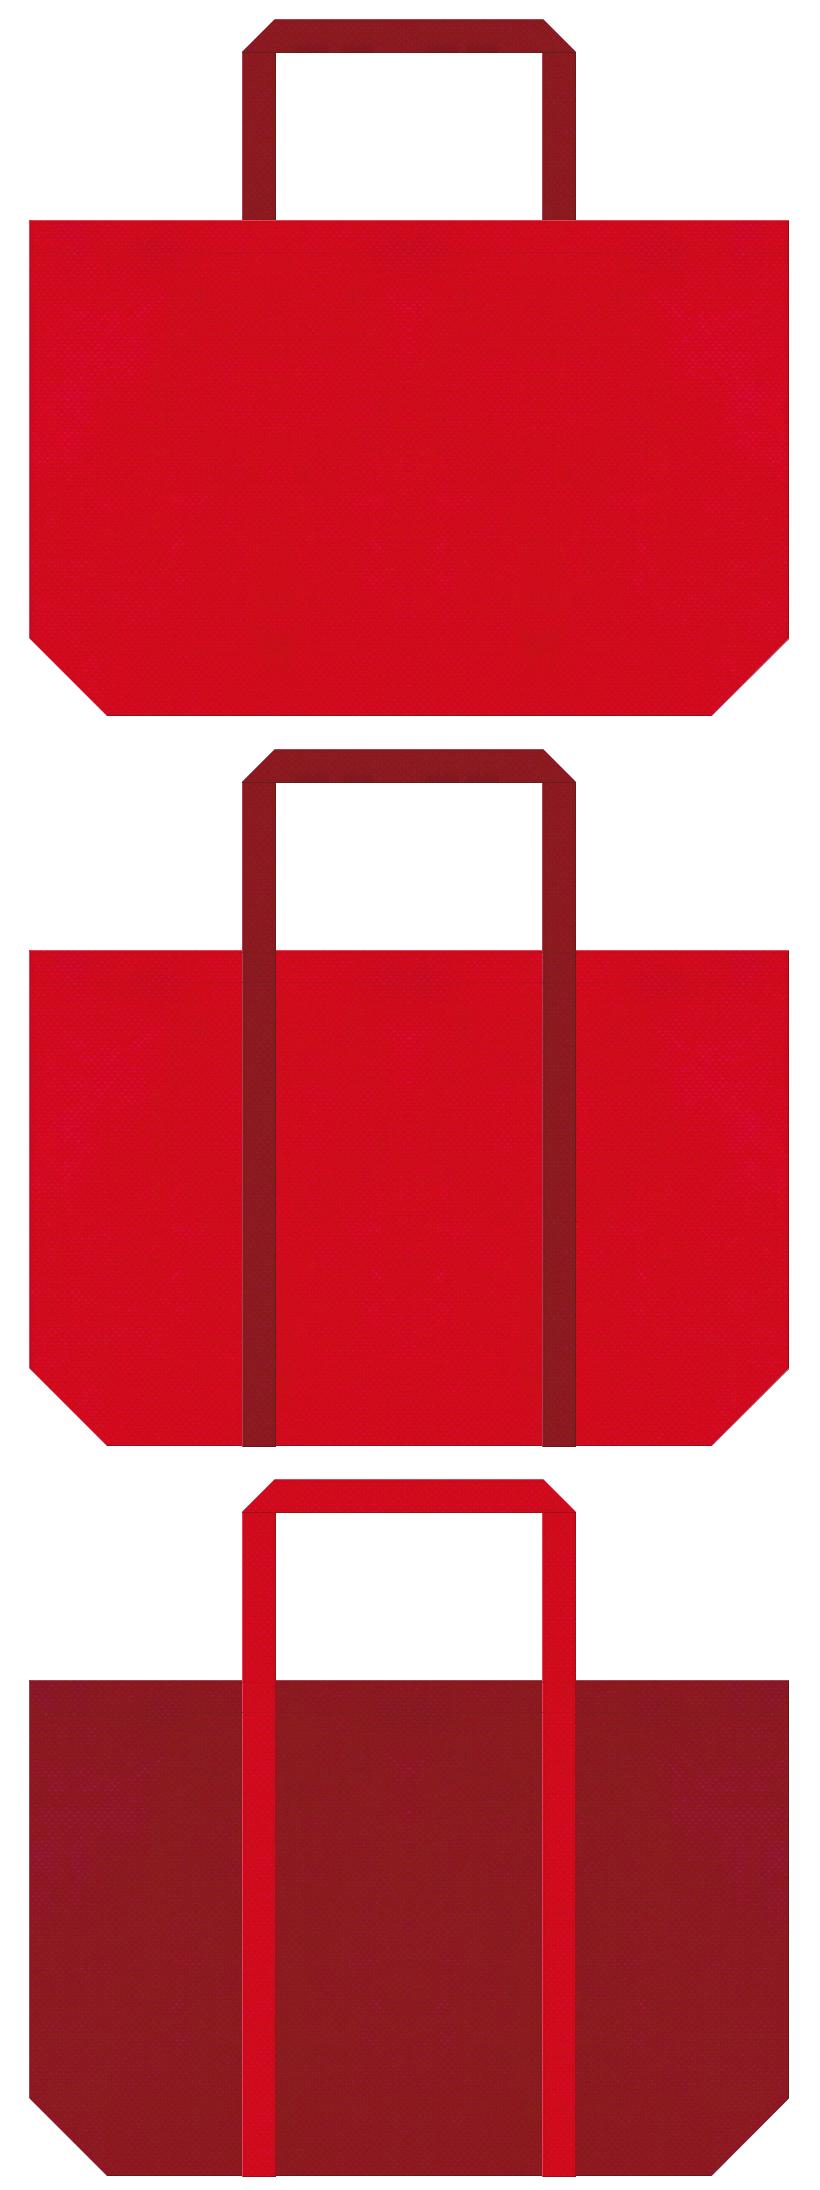 不織布ショッピングバッグのデザイン:紅色とエンジ色のコーデ。クリスマスのショッピングバッグ・福袋にお奨めの配色です。